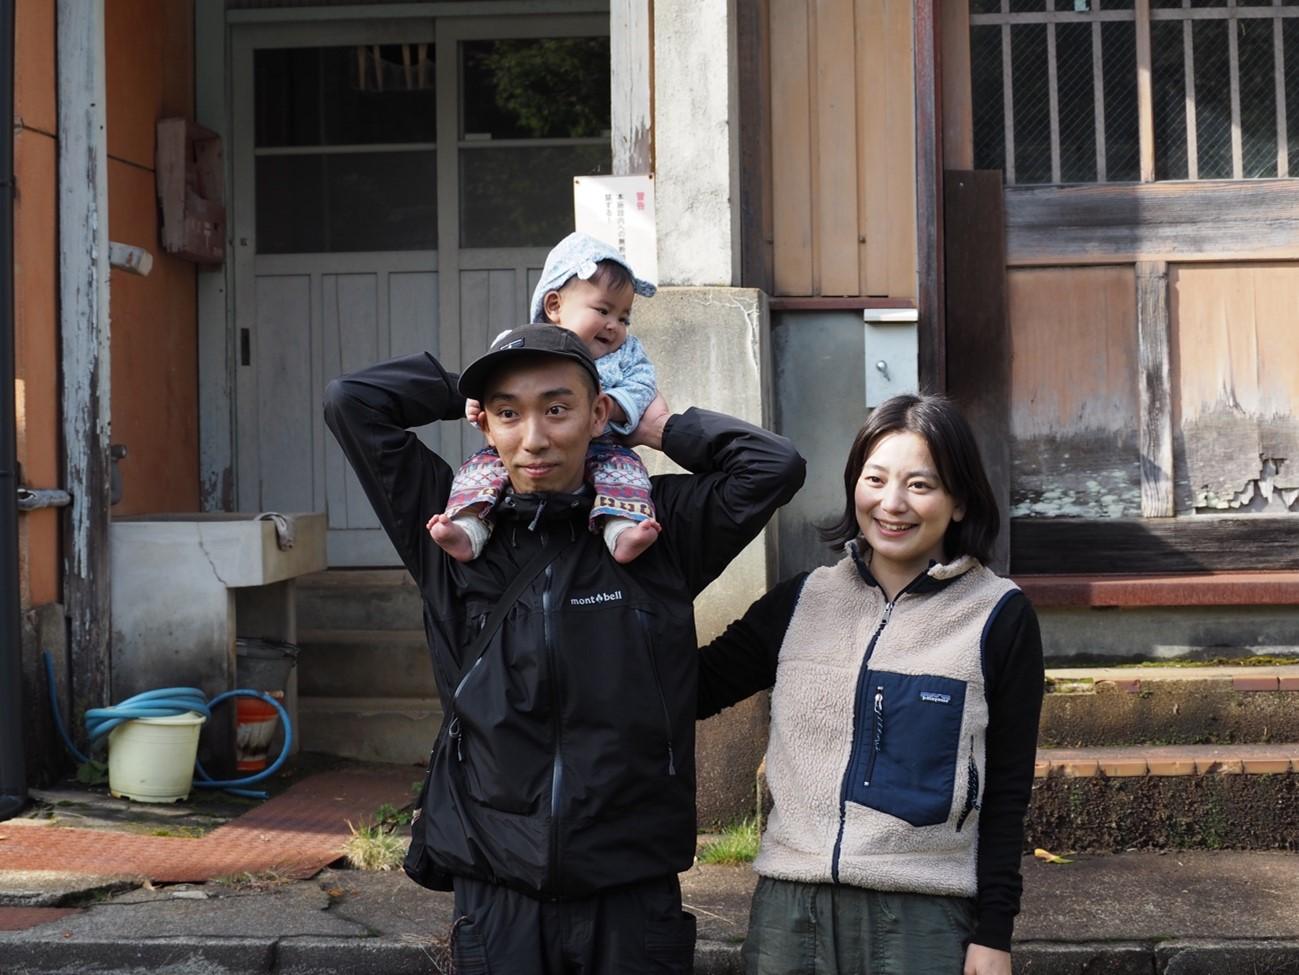 #京都里山ぐらしー「京都市北部山間かがやき隊員」とはー